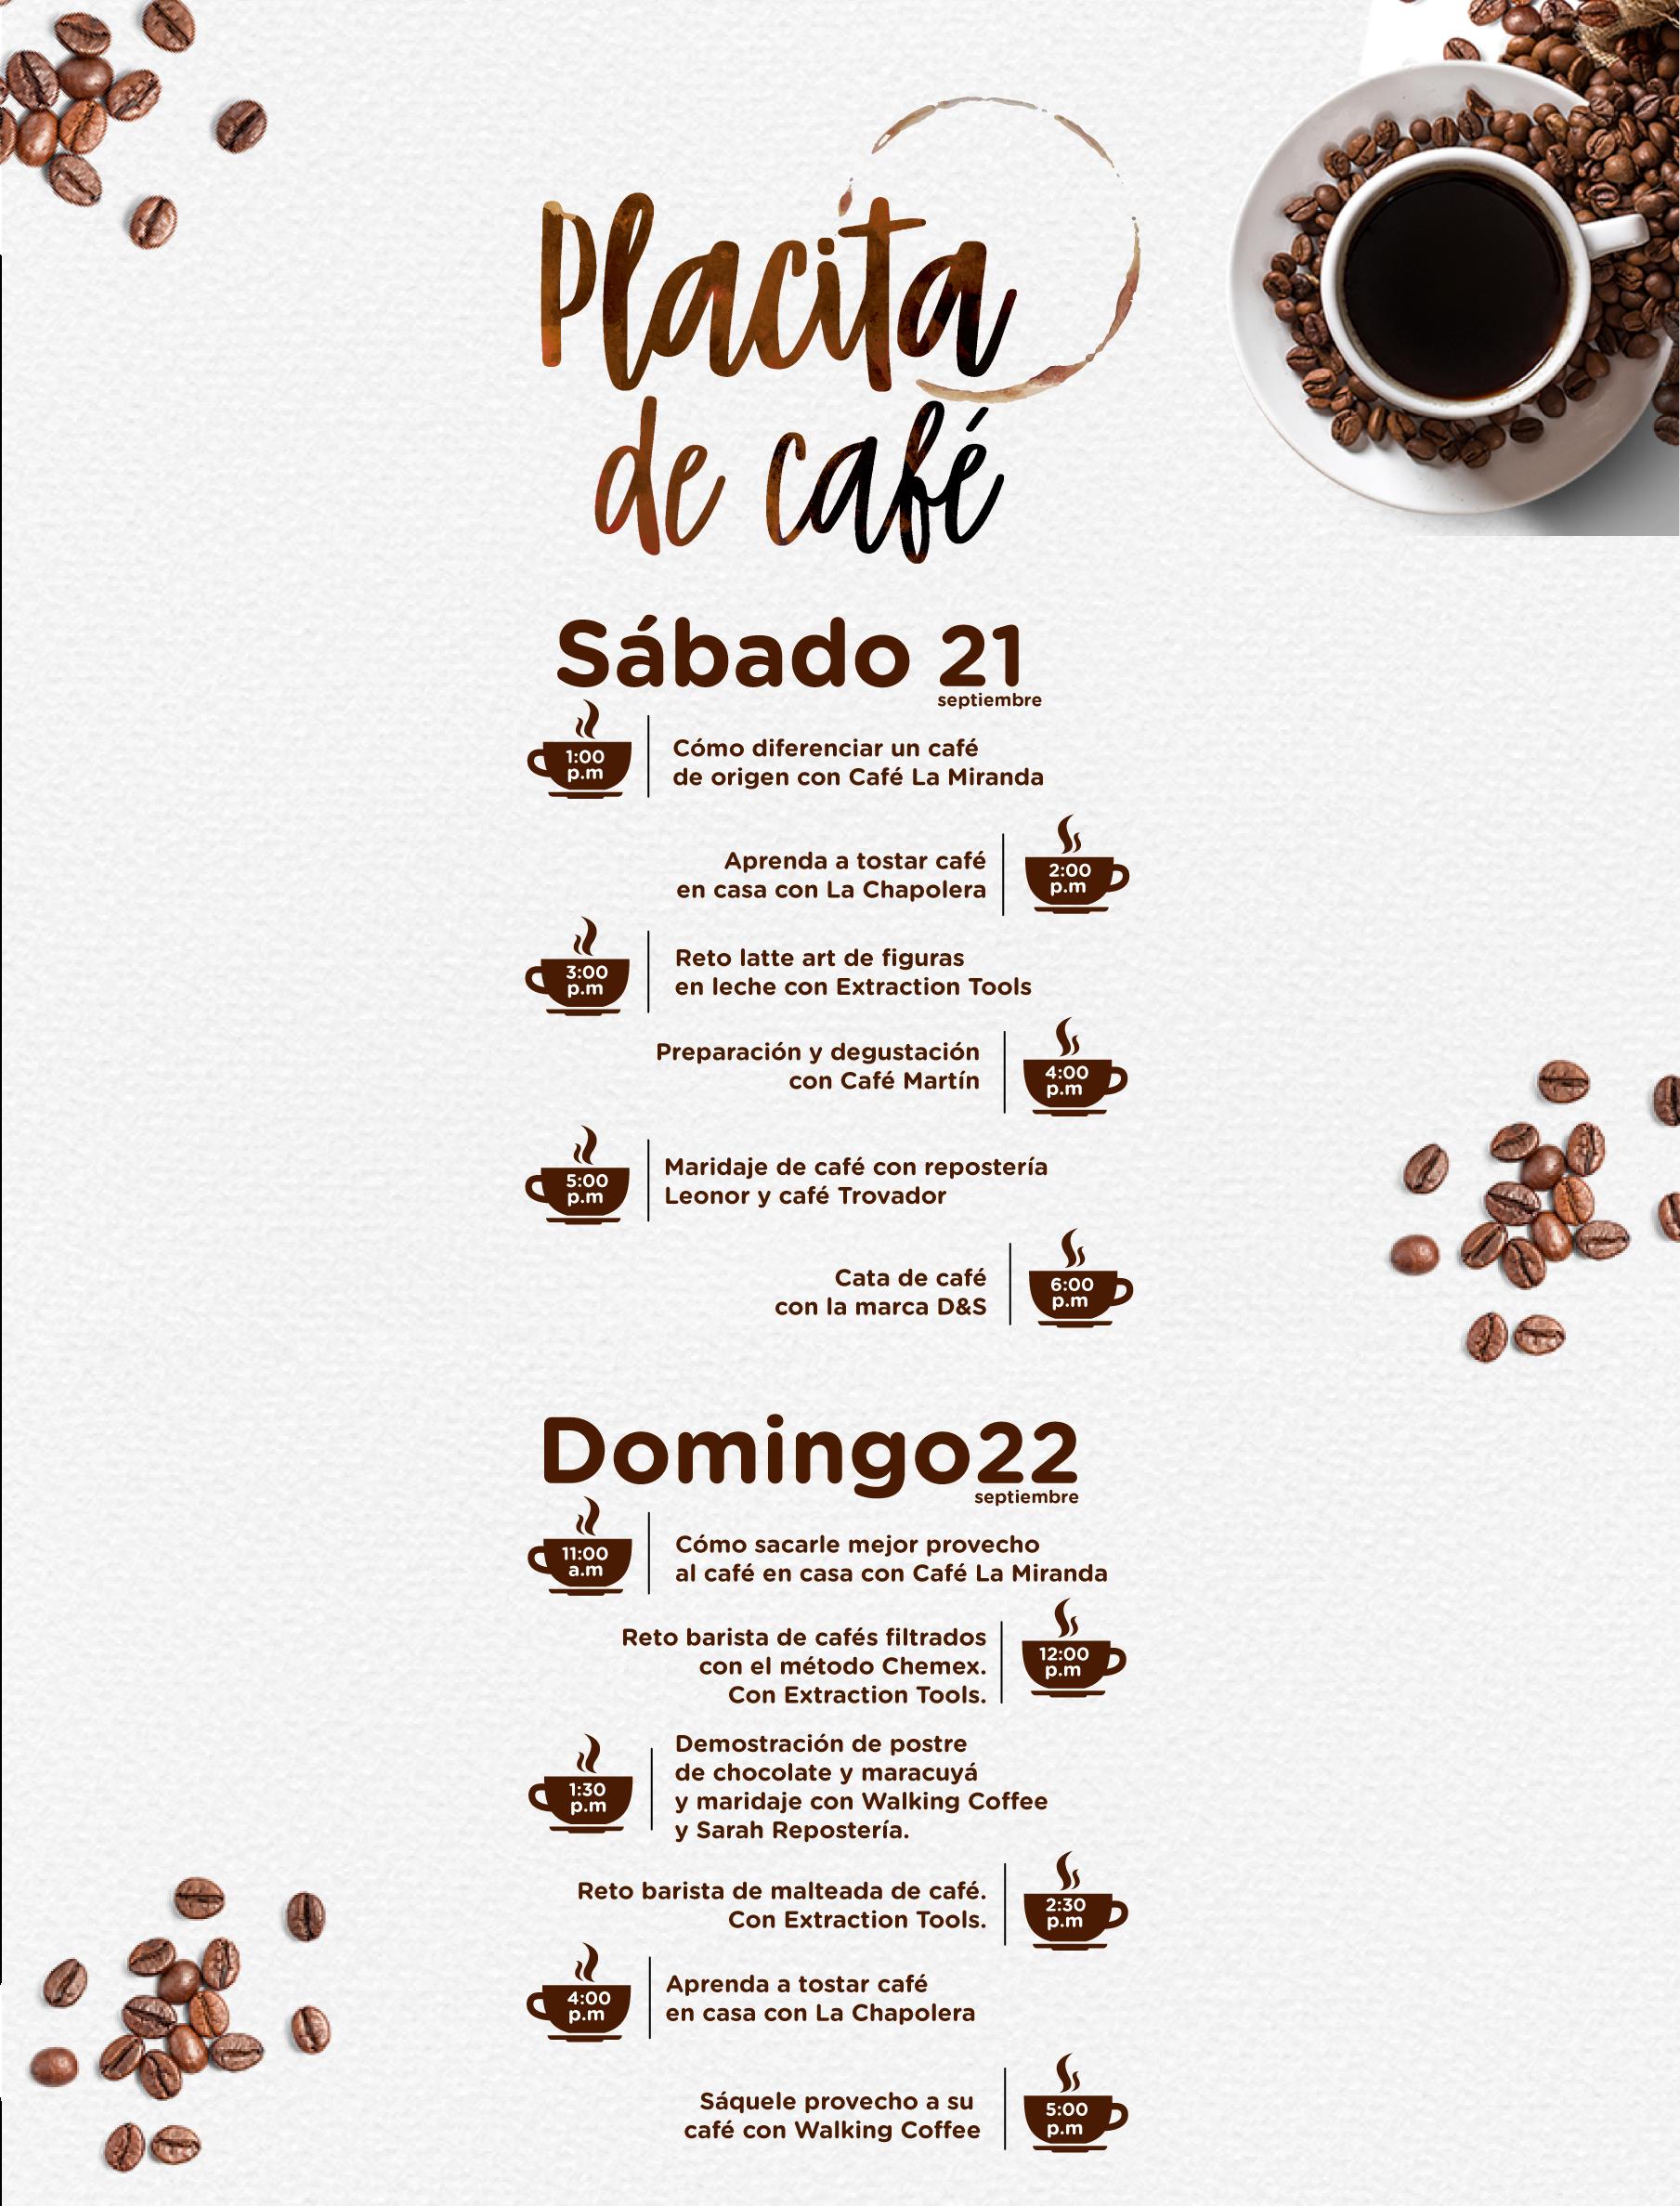 Placita de café en Viva Palmas